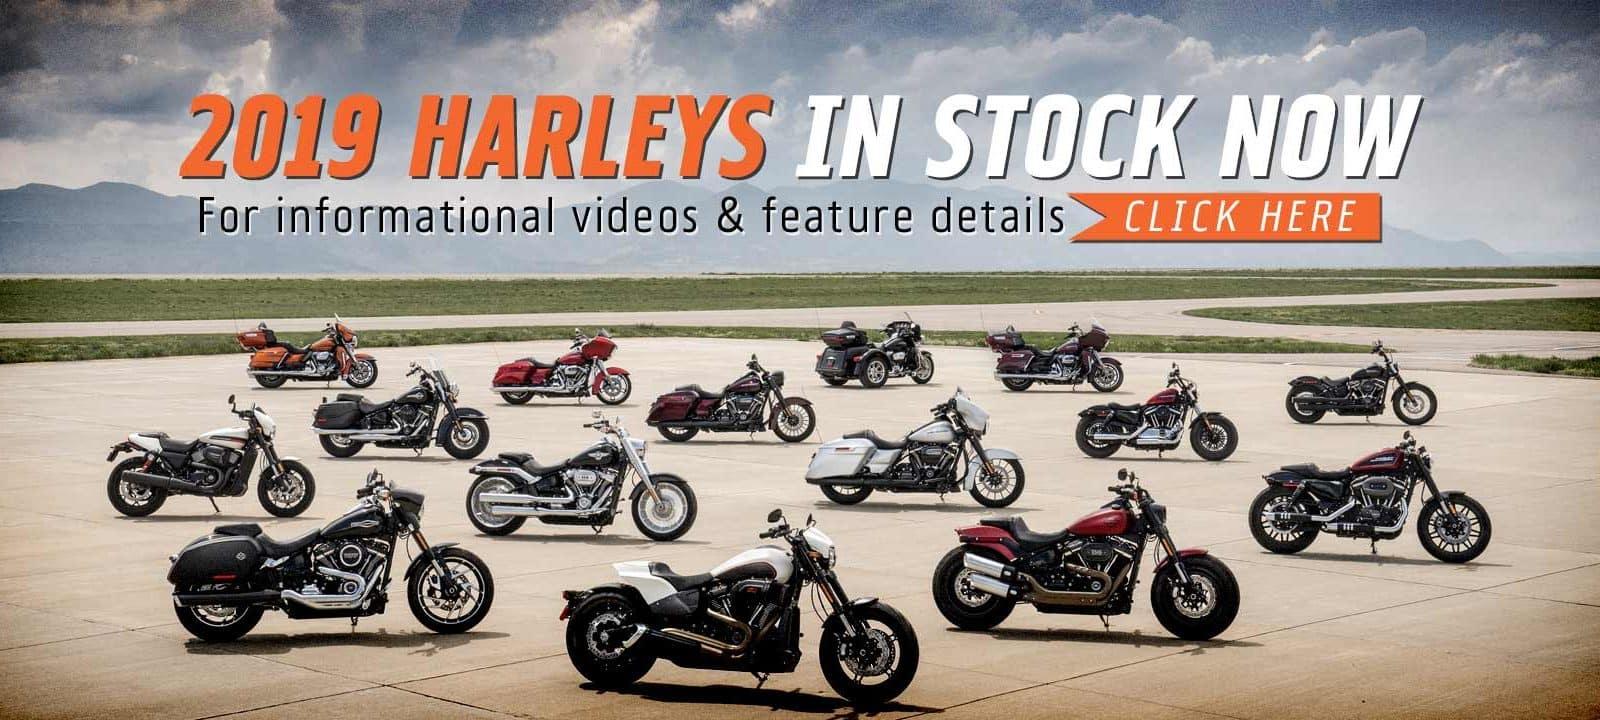 20180821-TMC-1800x720-2019-Harleys-in-Stock-Now